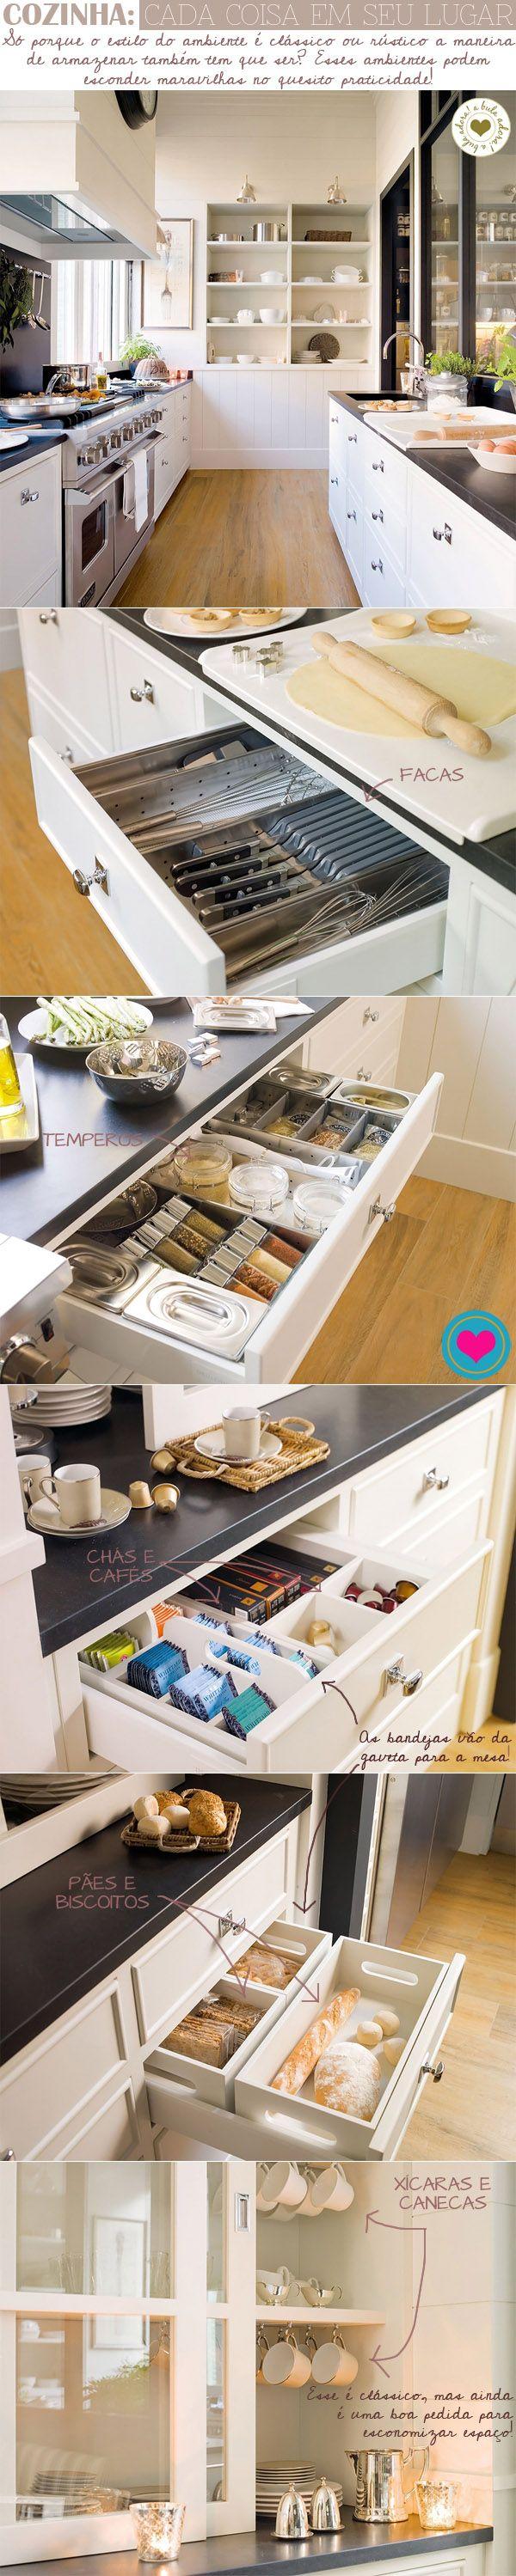 Kitchen Organisation 17 Best Images About Kitchen Organisation On Pinterest Freezer